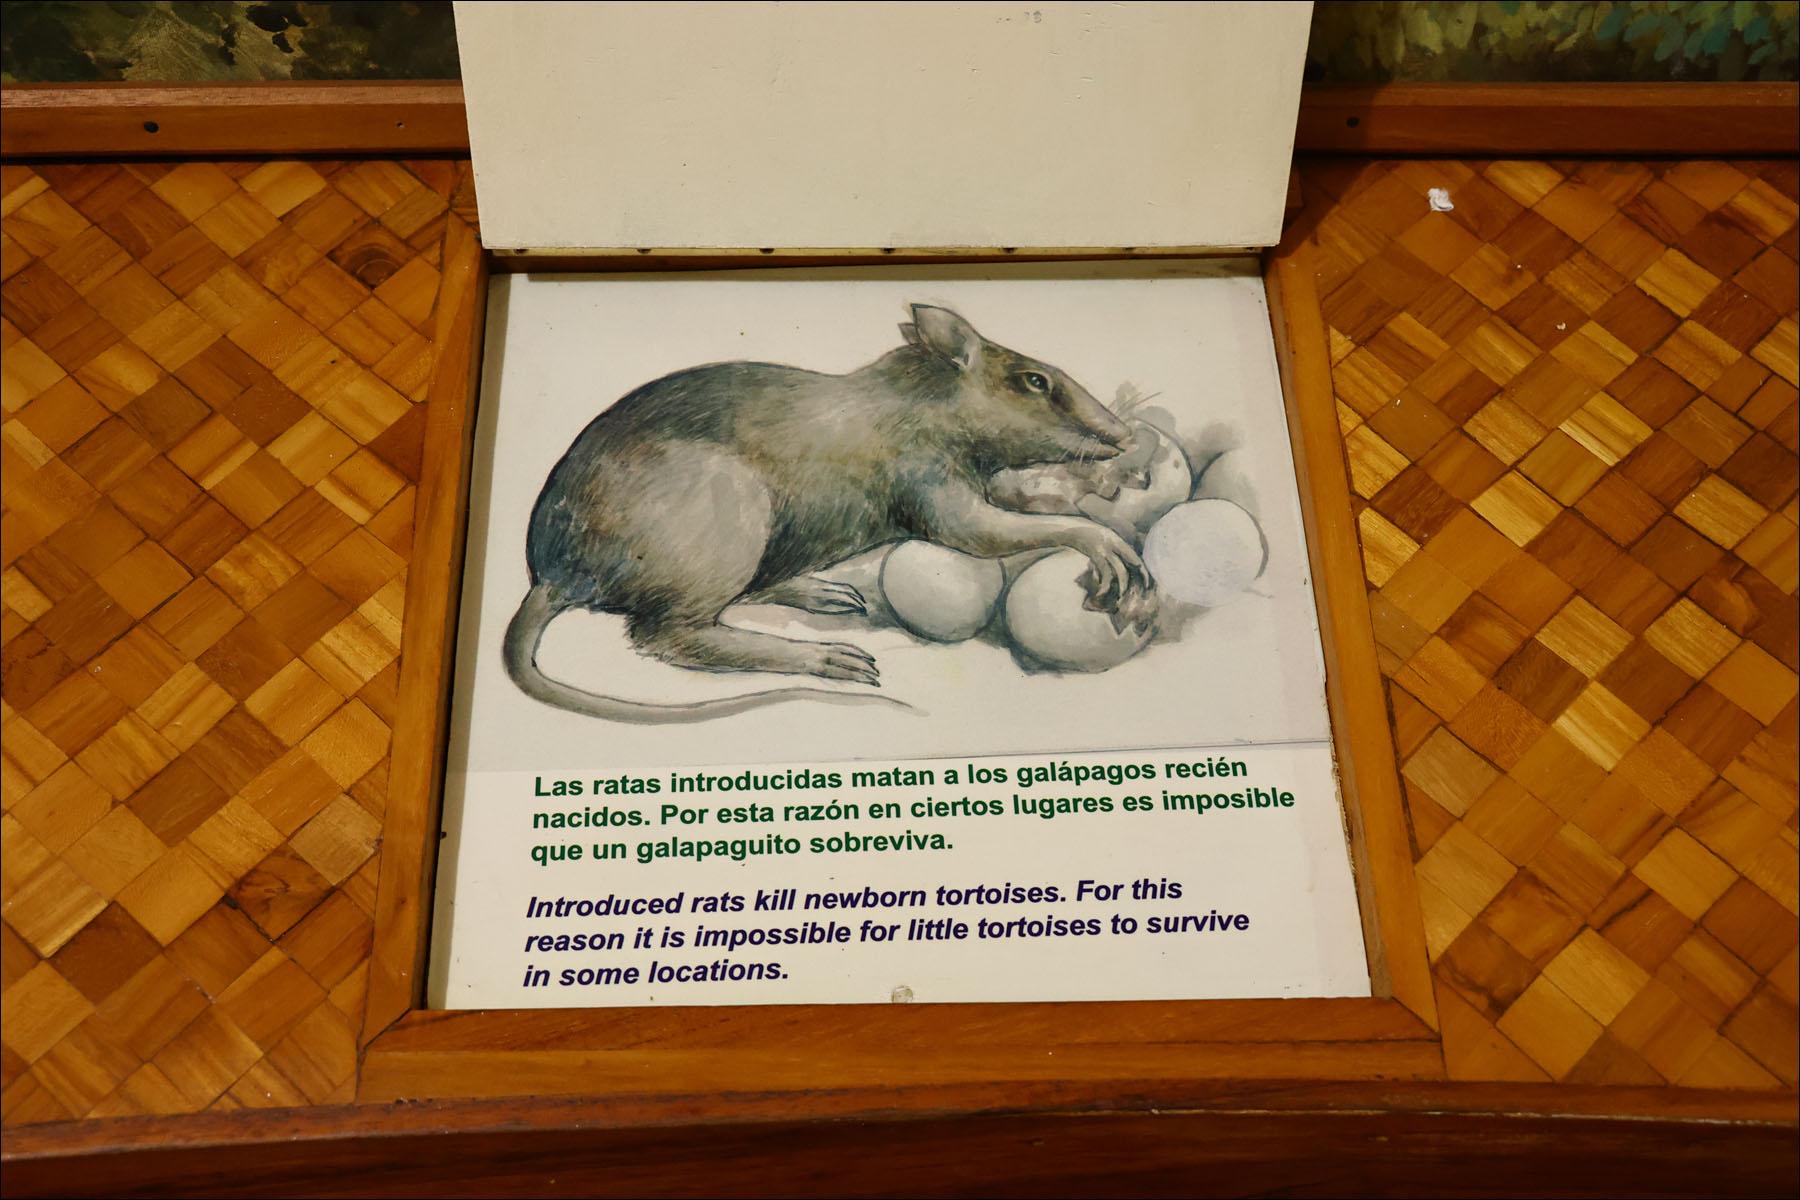 Реинжиниринг небольшой островной экосистемы: биолаборатория на Галапагосах - 4